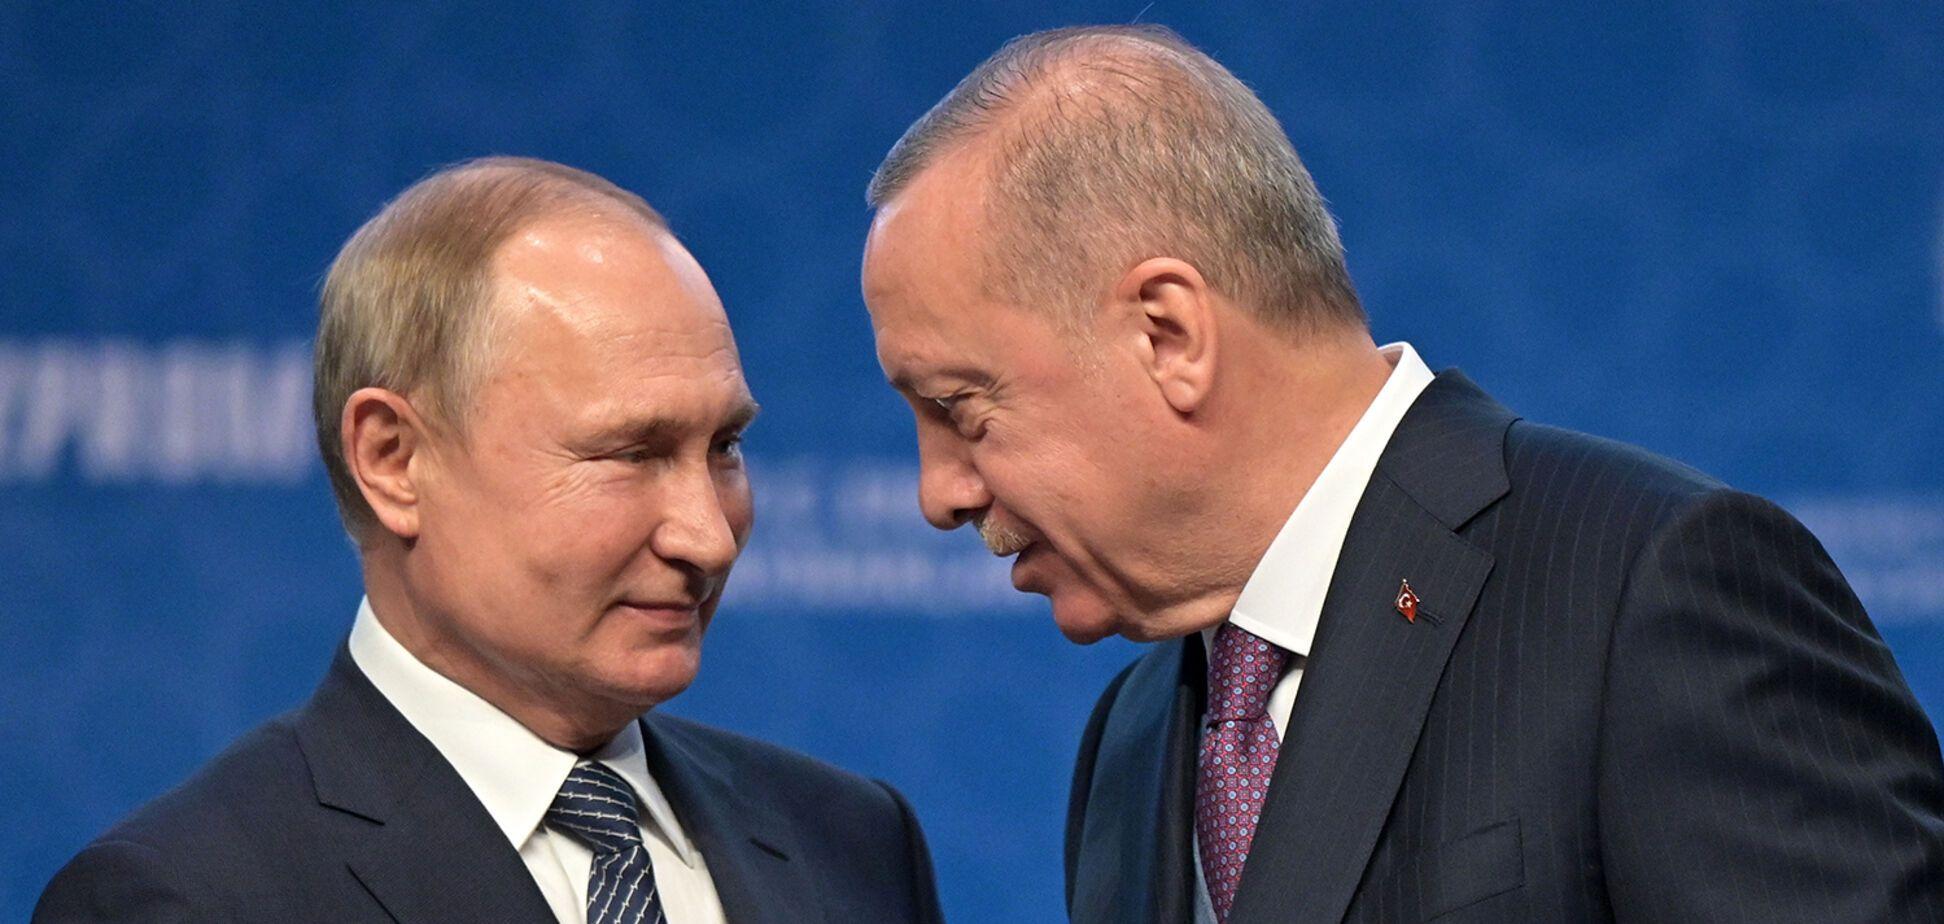 Война в Сирии началась 9 лет назад: почему Путин, Асад и Эрдоган не могут помириться